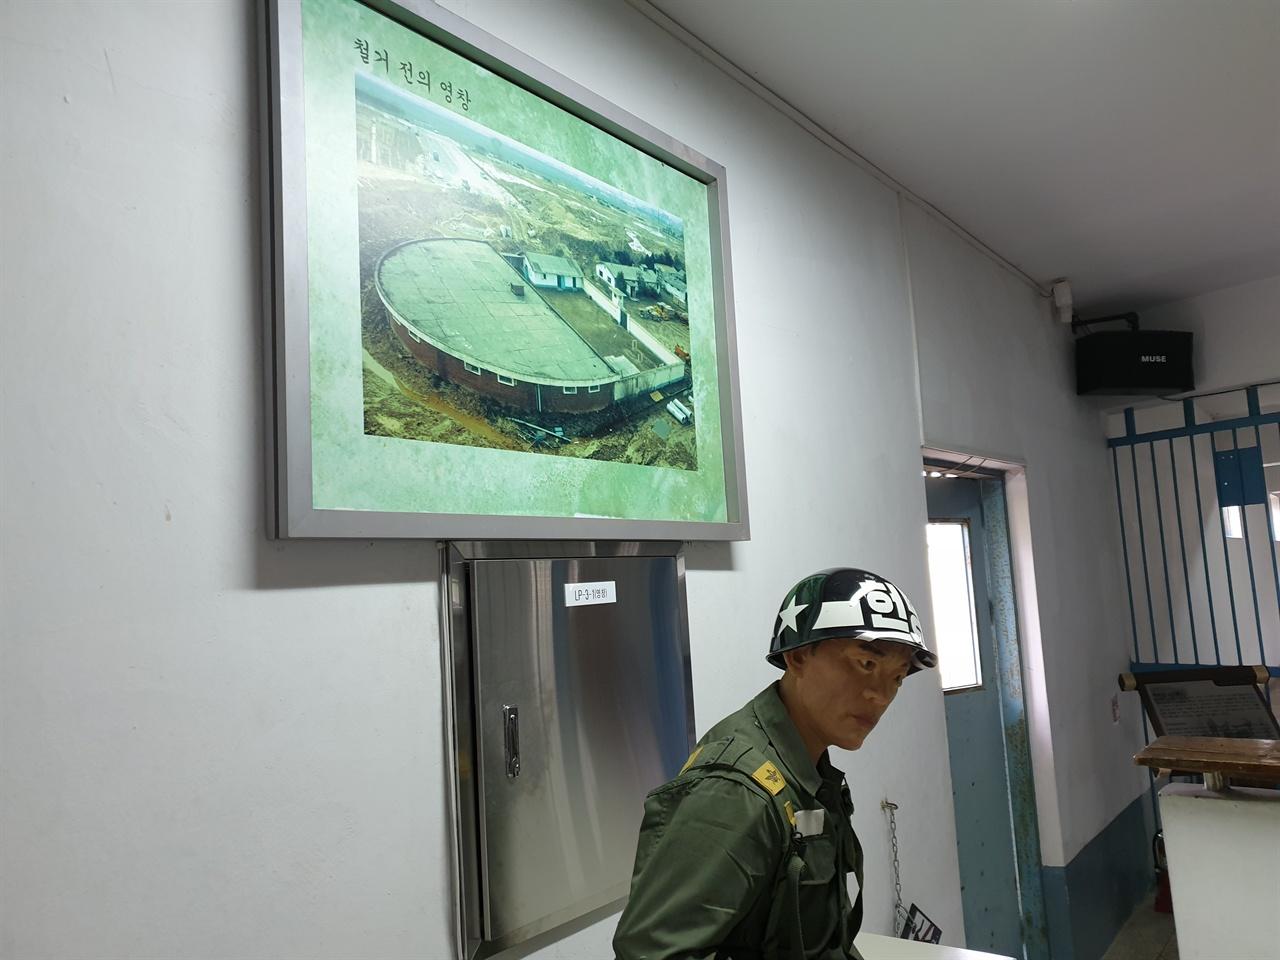 5.18 당시 신군부에 저항했던 이들을 구금하면서 무참한 폭력과 삼엄한 감시와 같은 인권유린이 자행되었던 5.18 자유공원의 헌병대 영창